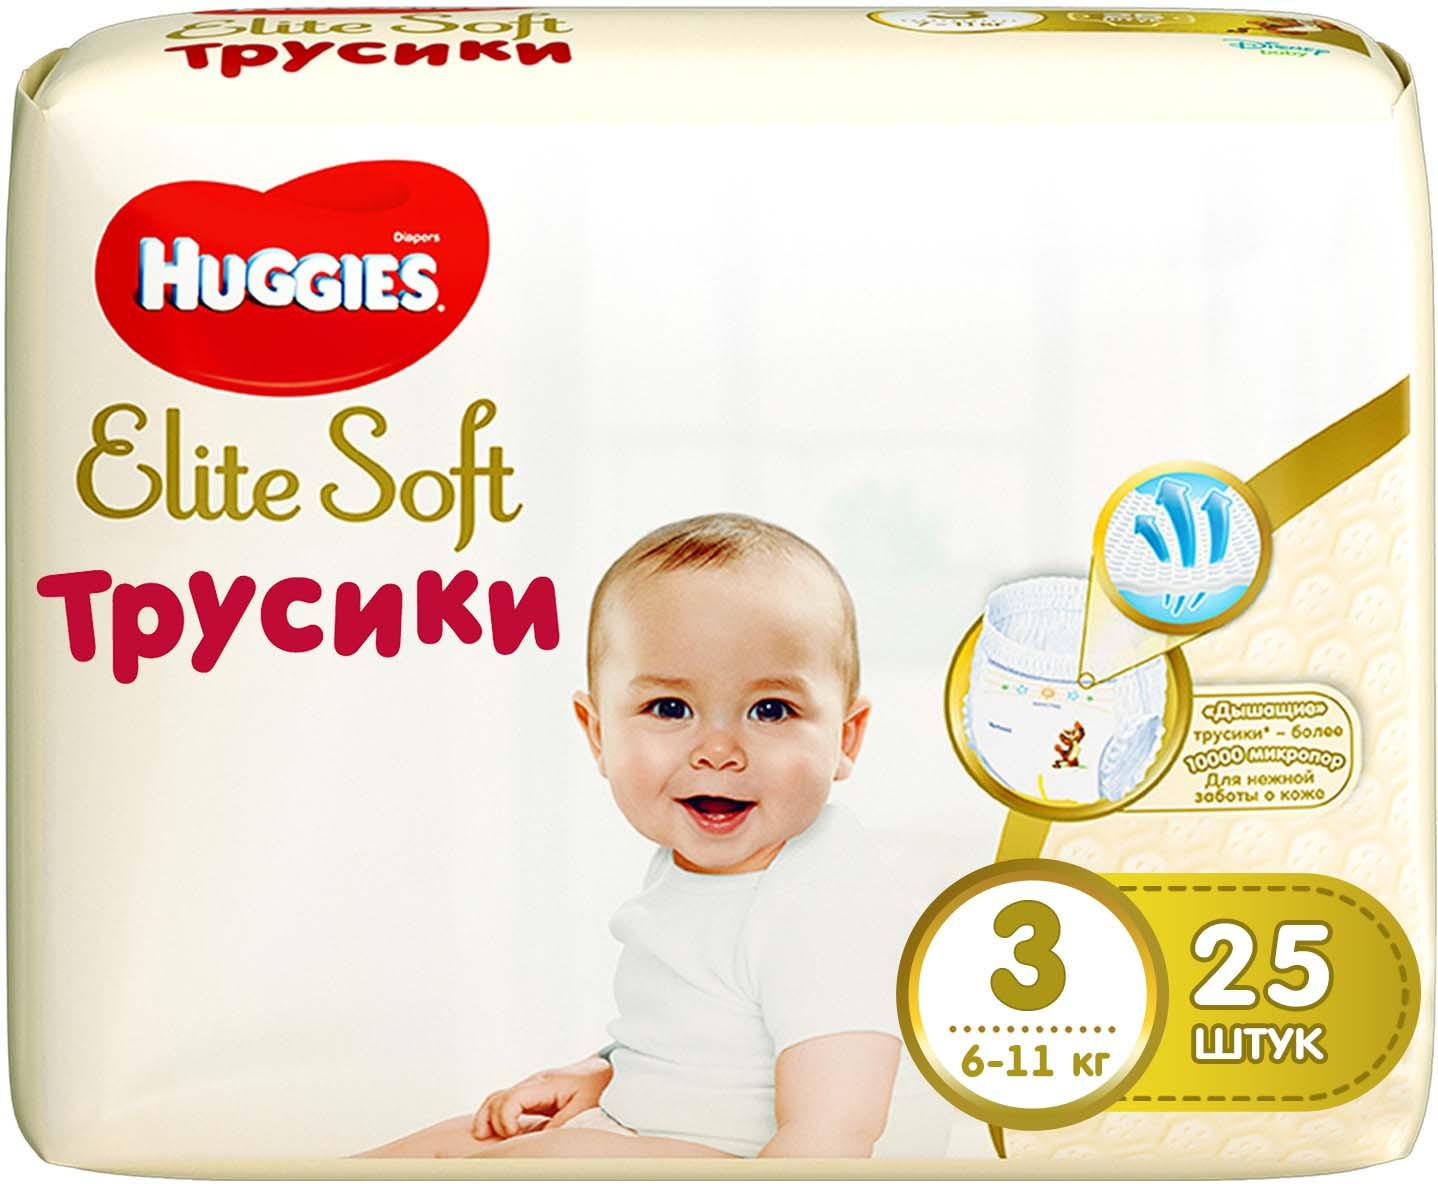 Huggies Подгузники-трусики Elite Soft 6-11 кг (размер 3) 25 шт